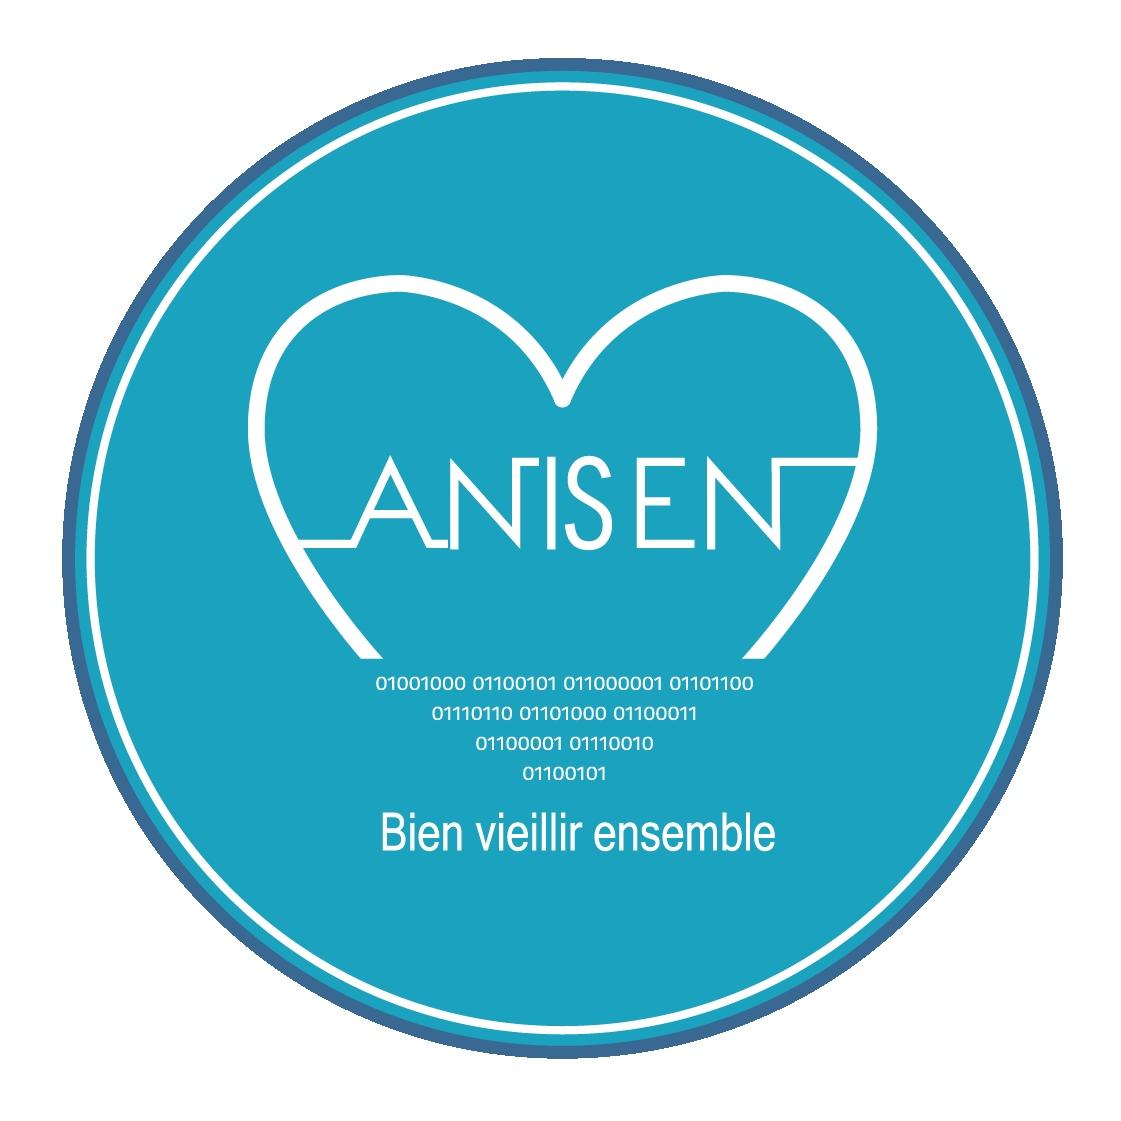 Notre partenaire : Anisen